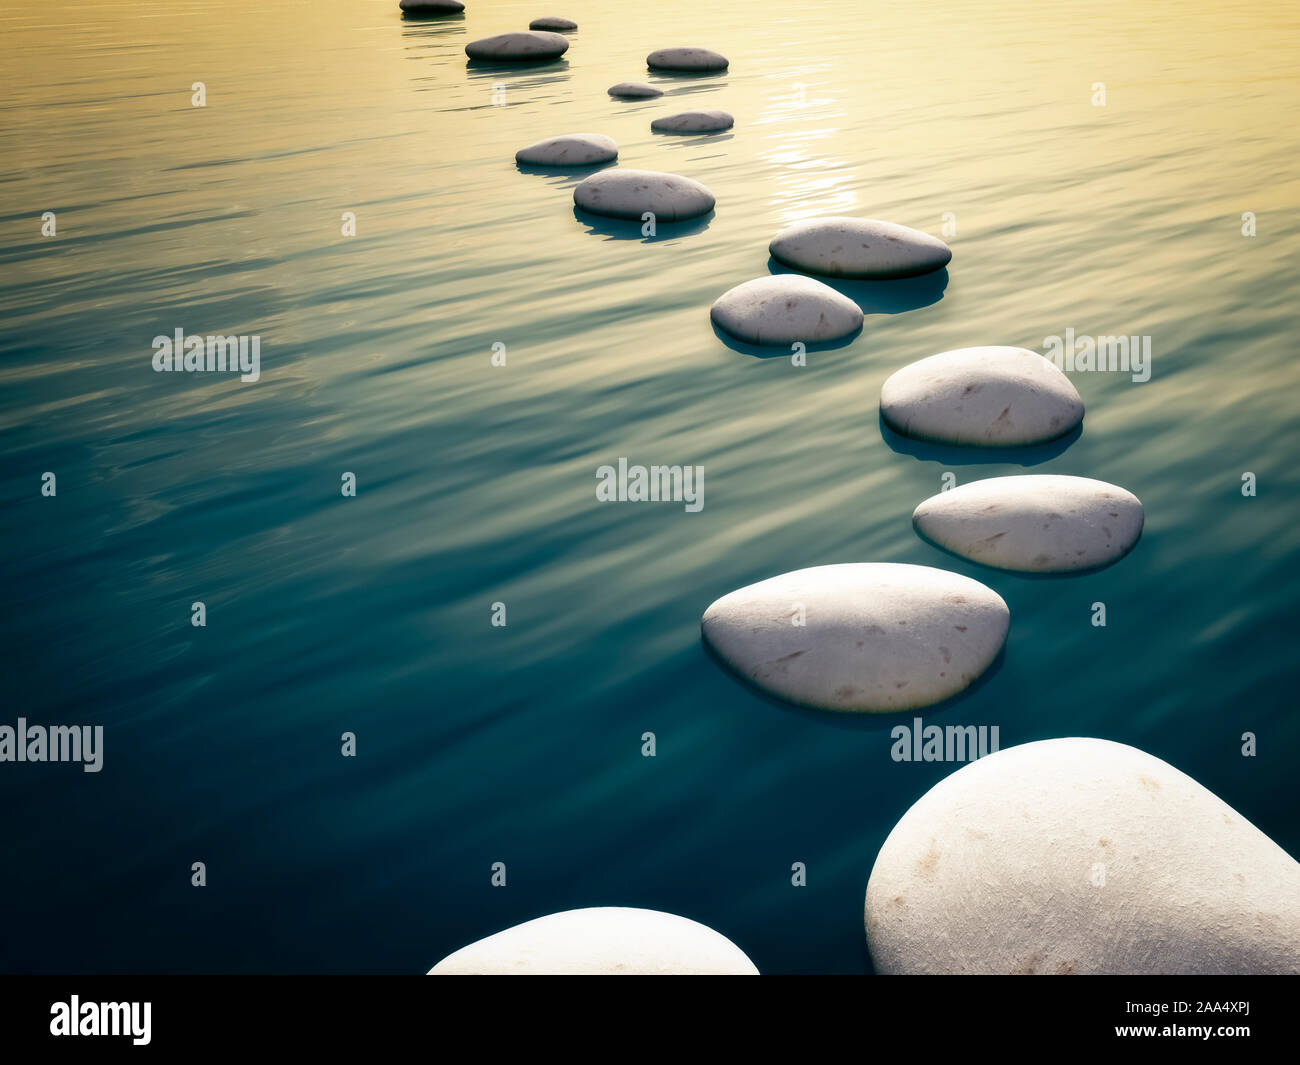 Weisse Steine, die in einer Linie angeordnet sind, um ueber das Wasser schreiten zu koennen Stock Photo